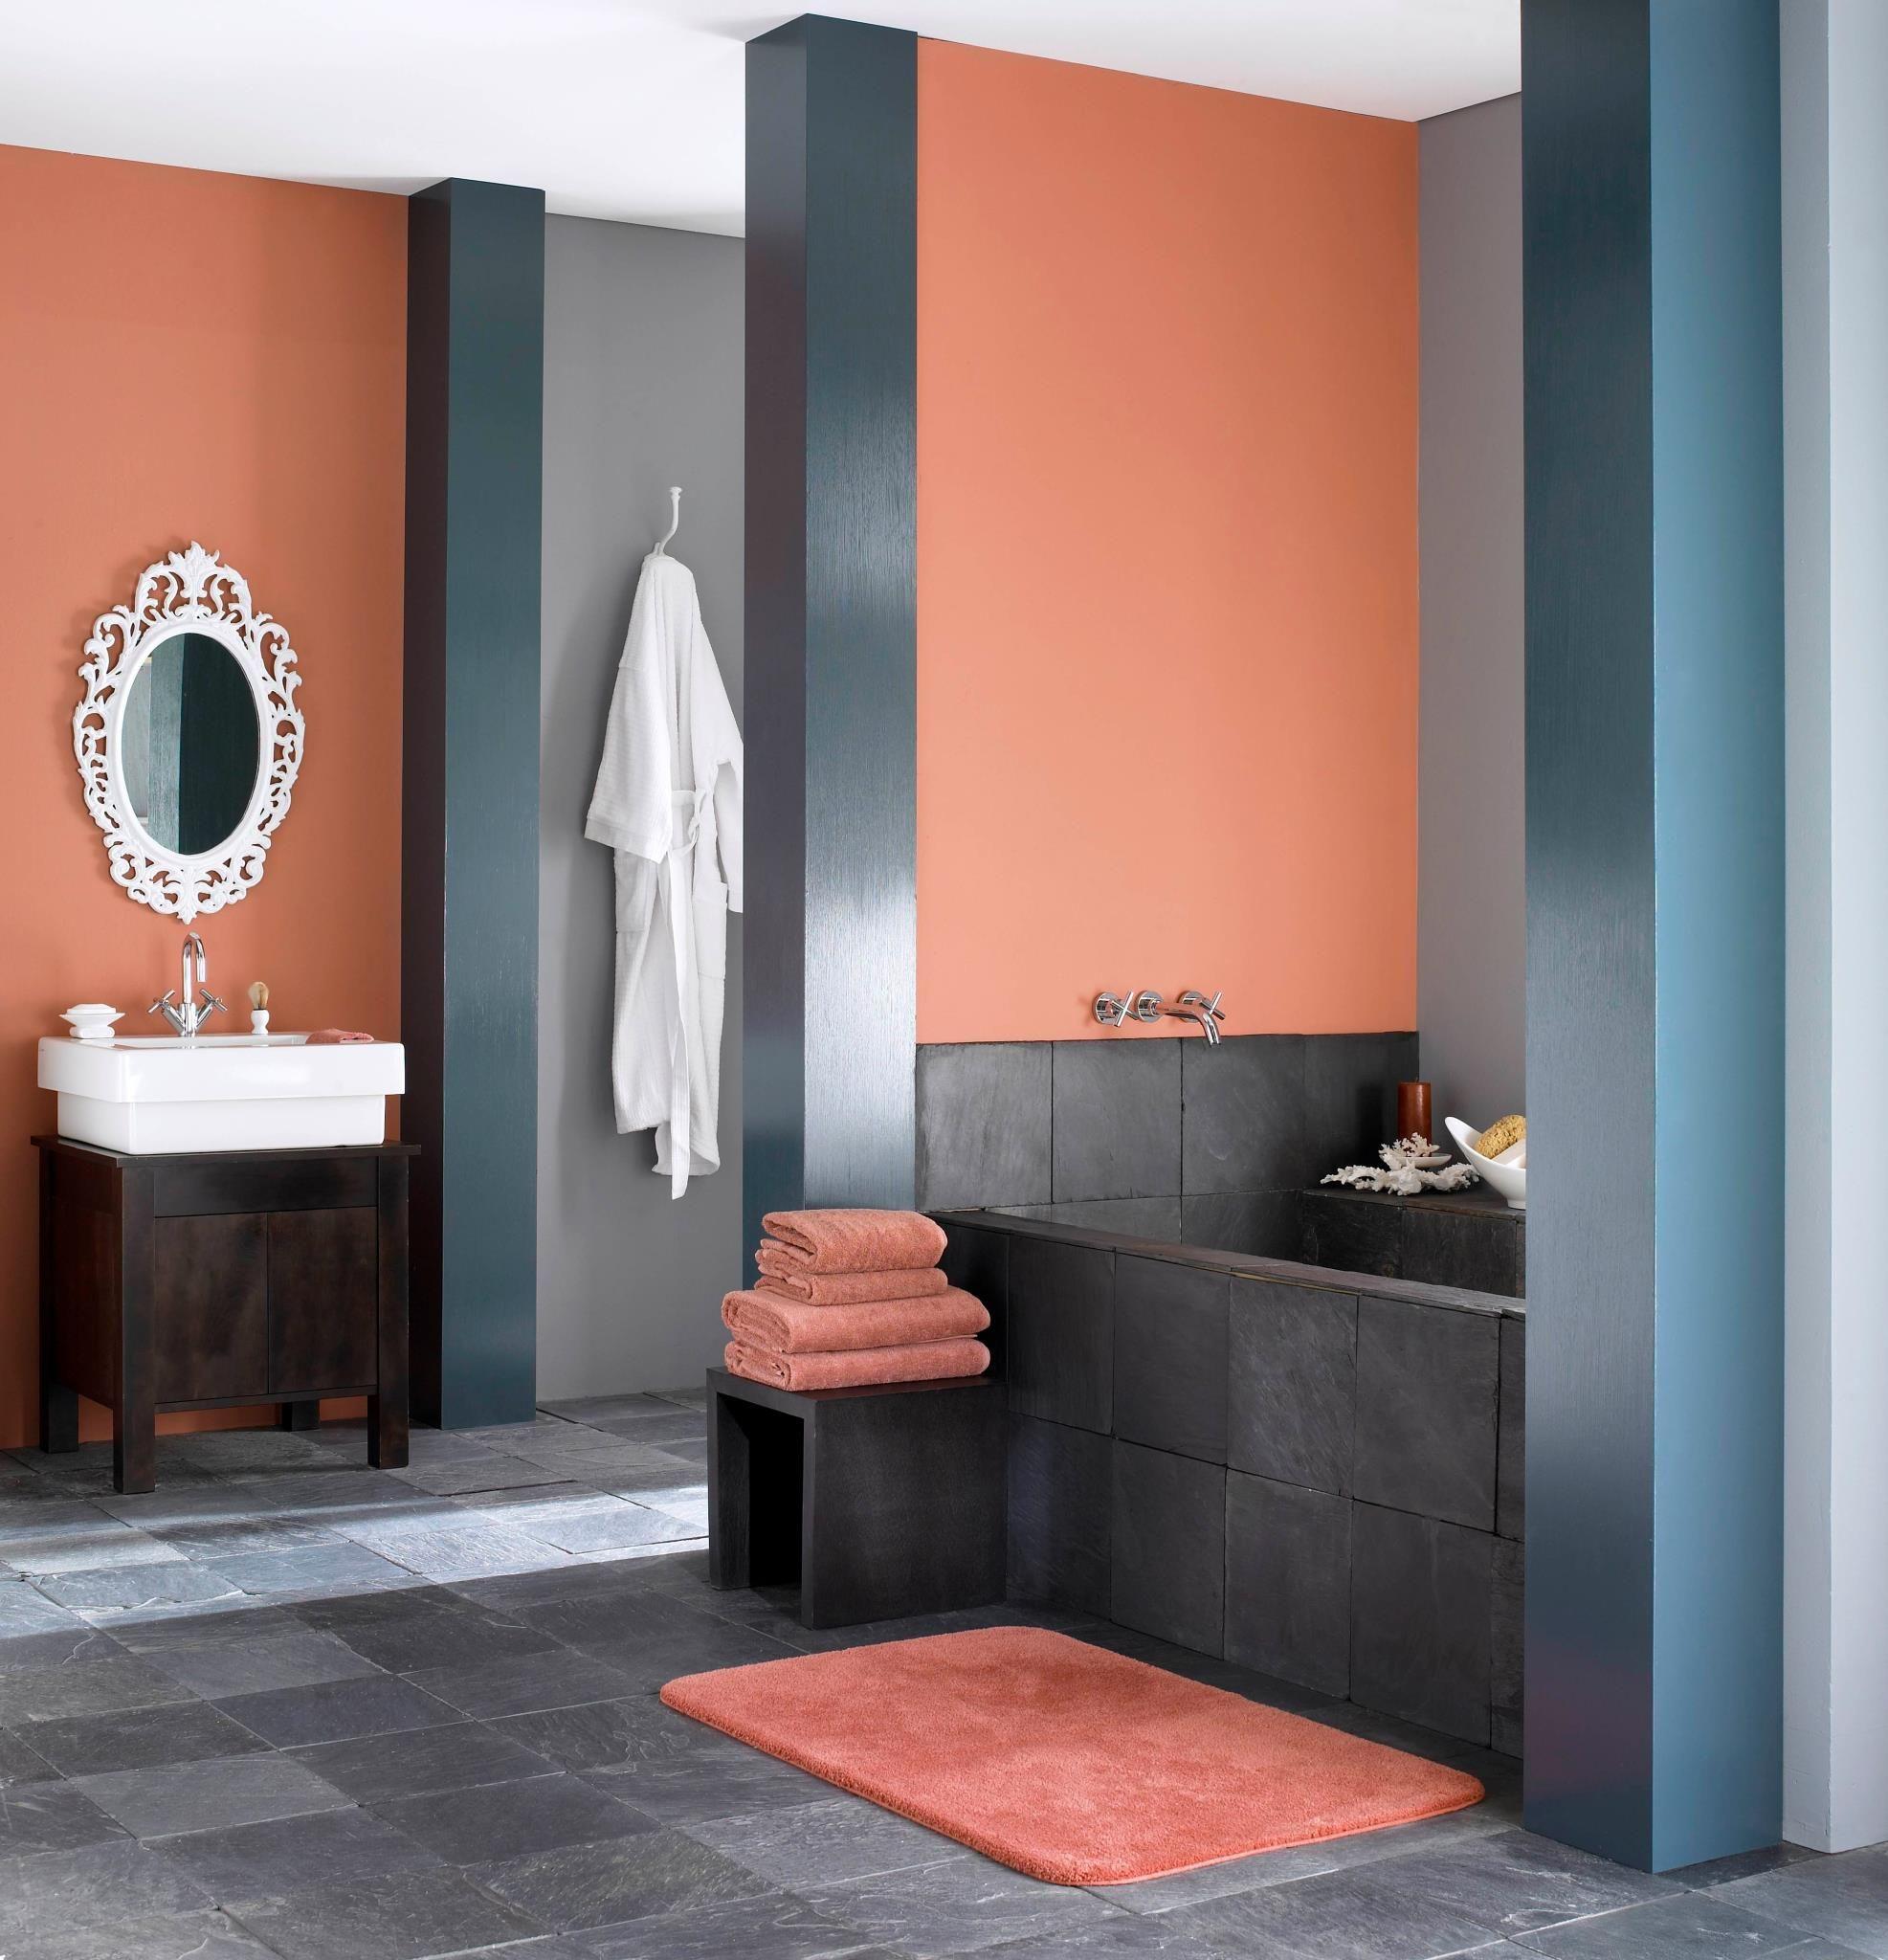 Benjamin moore colors for bathroom - Benjamin Moore Coral Bronze 1298 Narragansett Green Hc 157 And Pewter 2121 Colorful Bathroombathroom Colorsbathroom